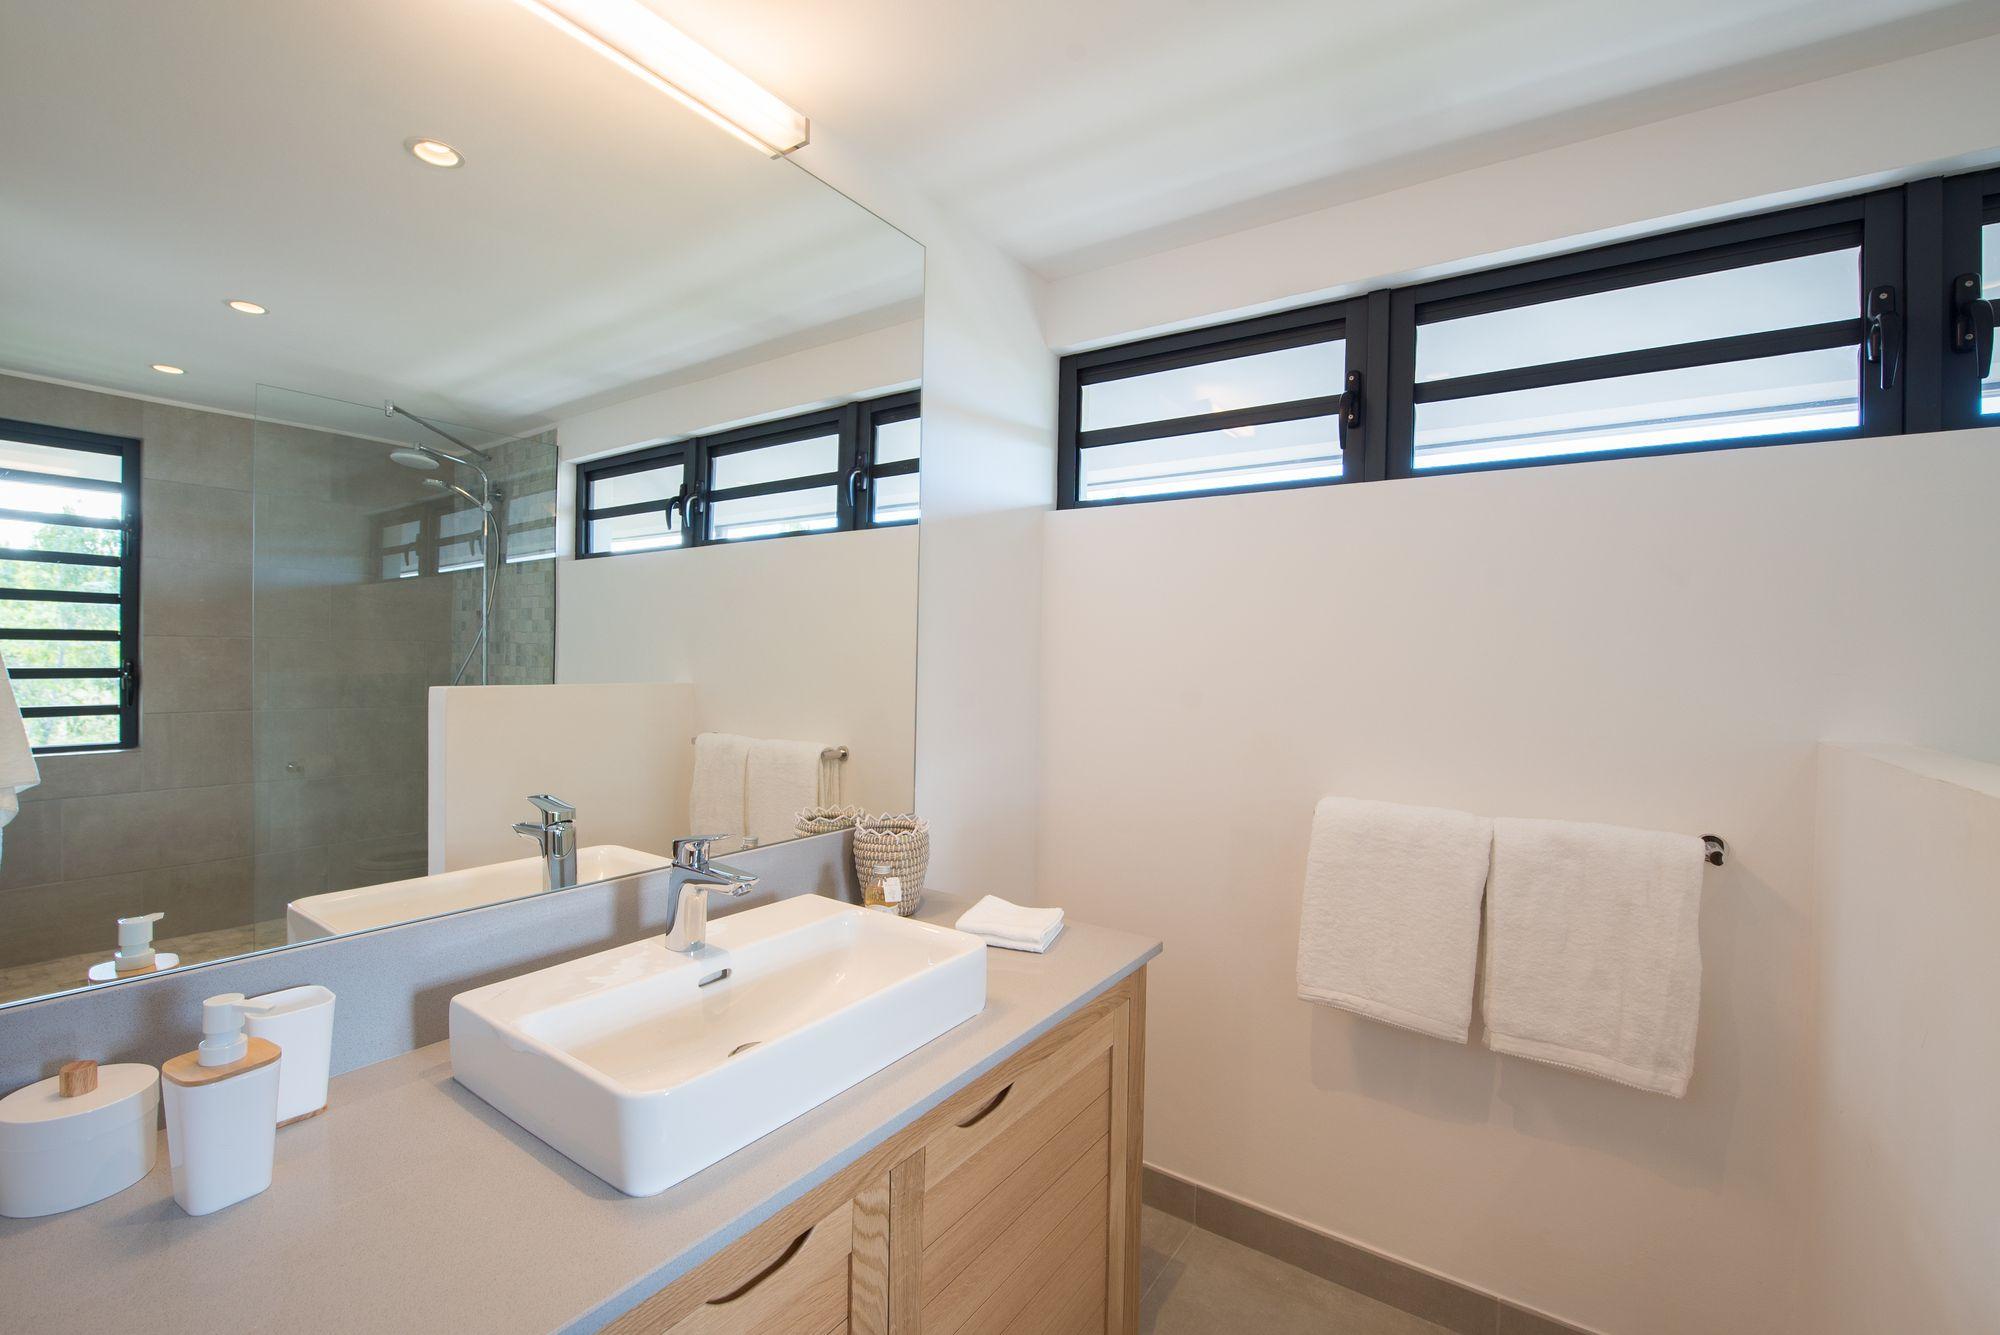 Amnagement dcoration villa de luxe intrieur et extrieur pour Marguery Exclusive Villas